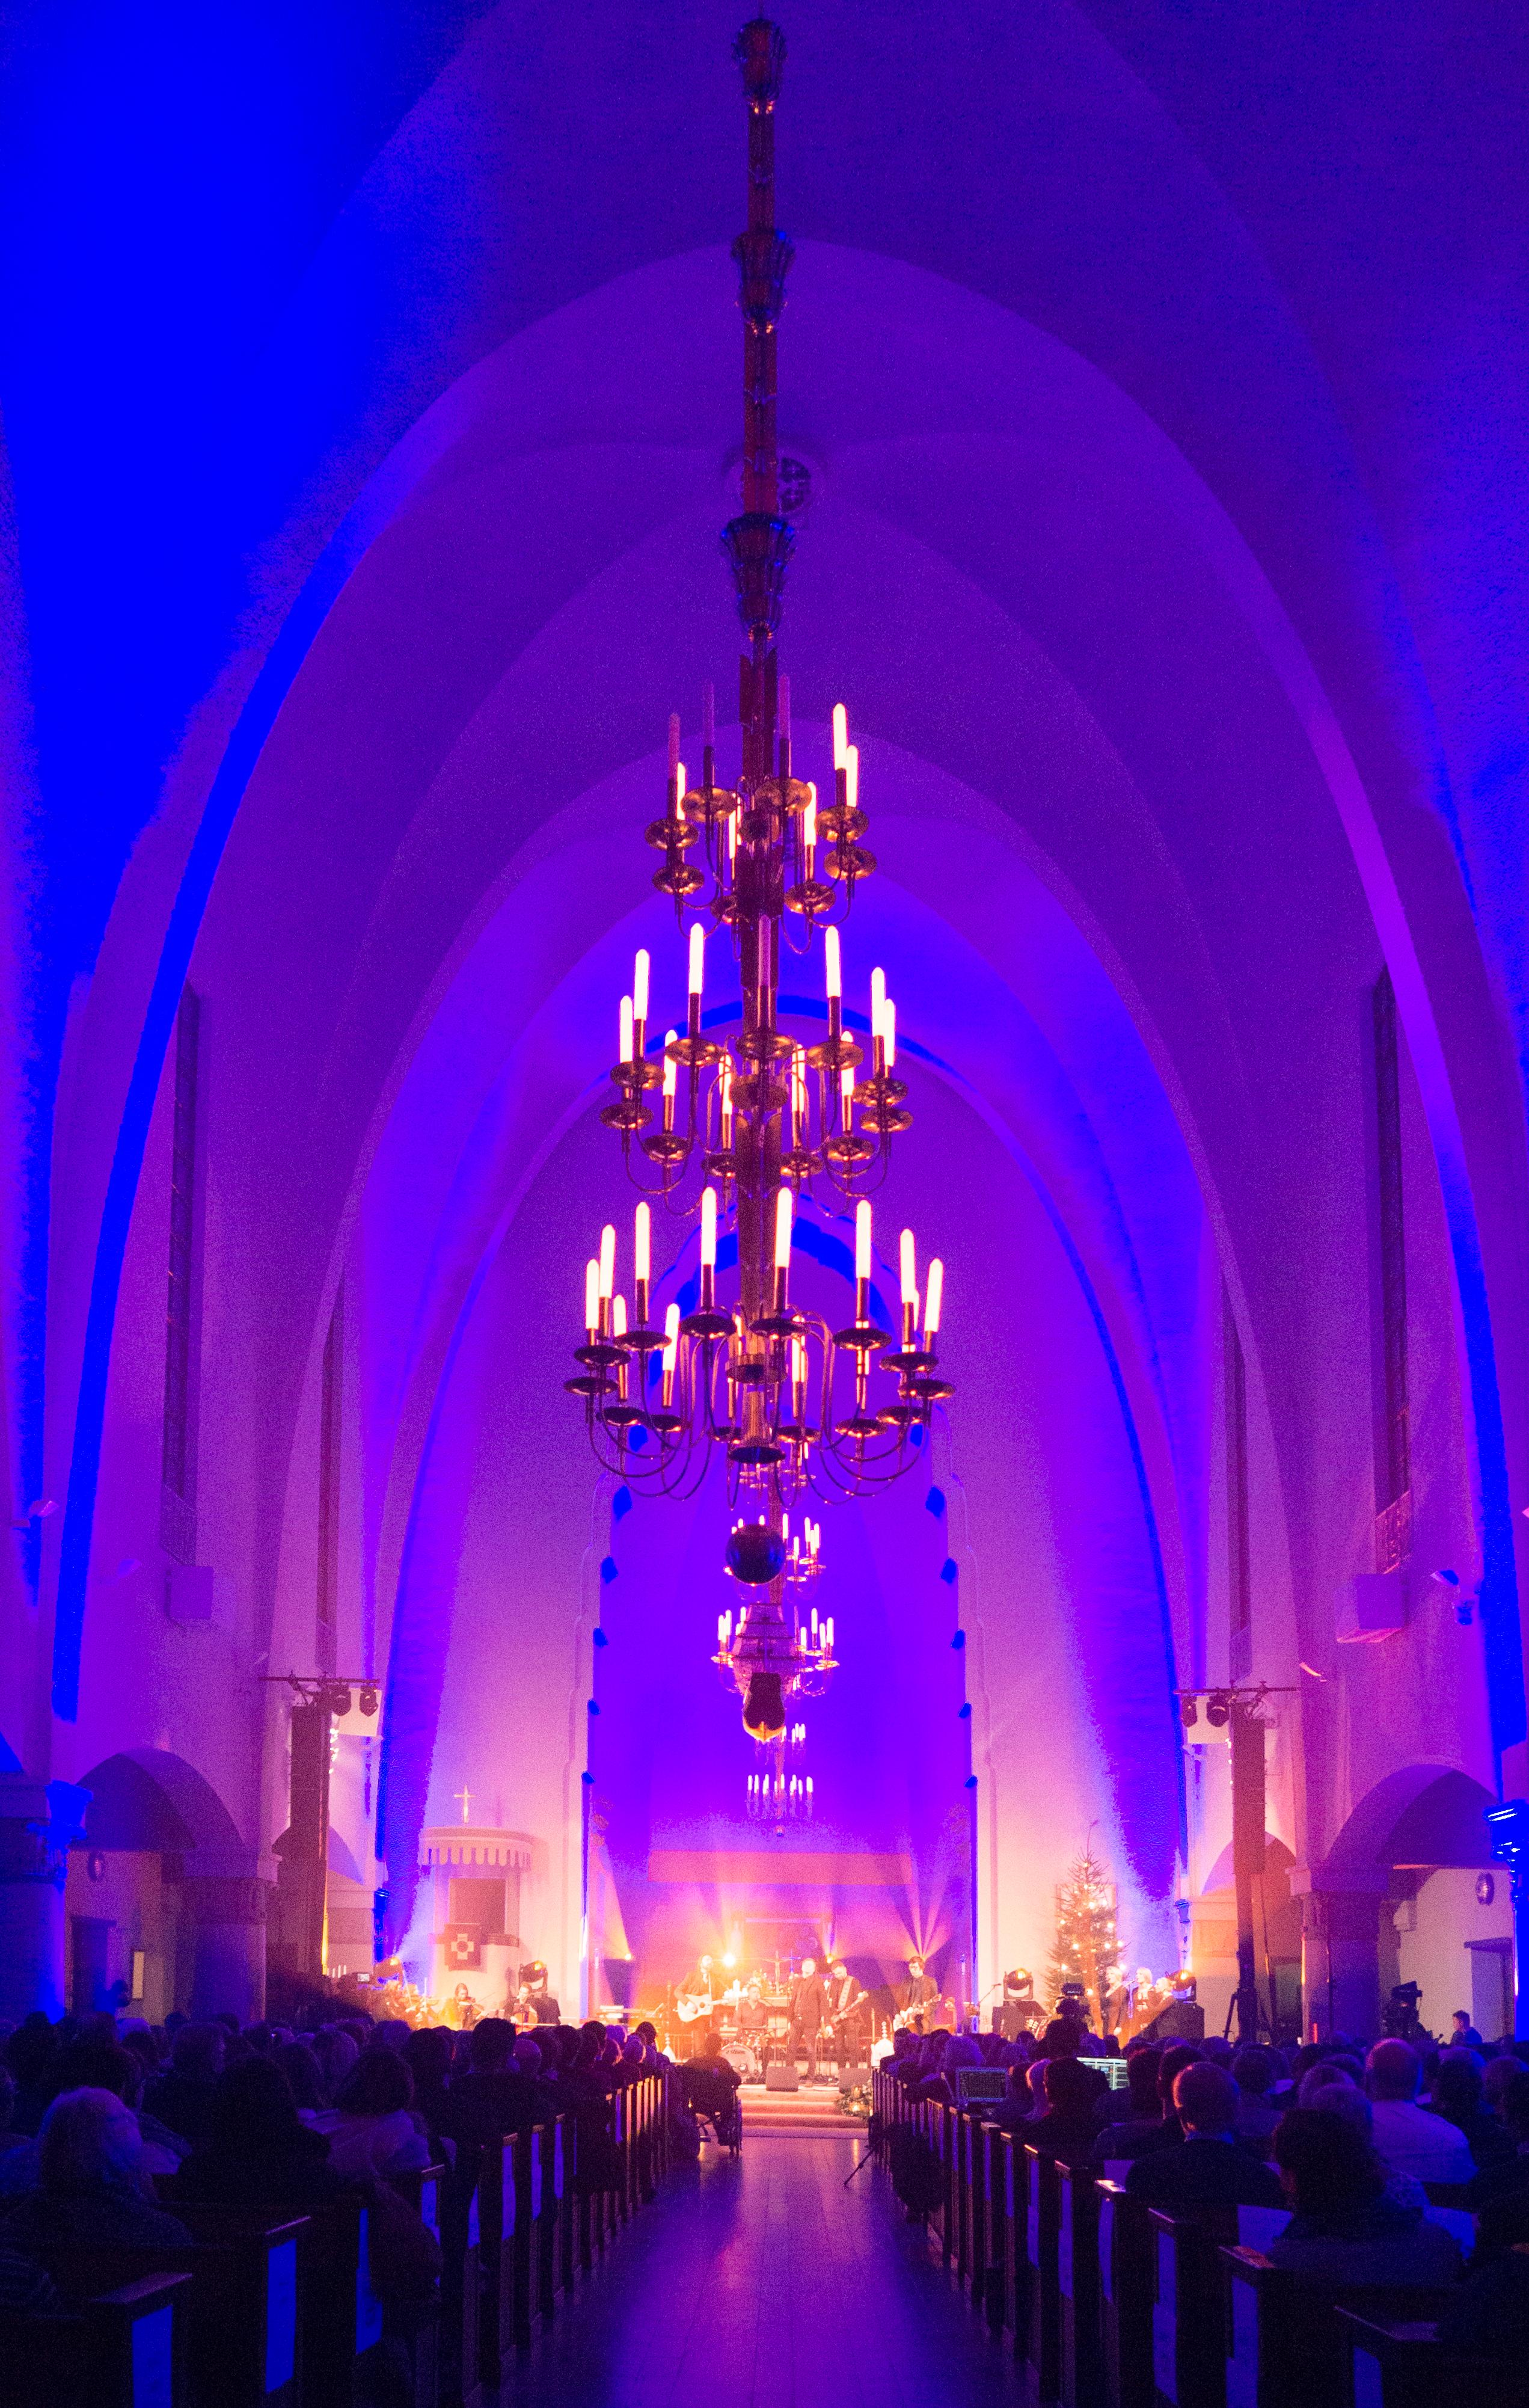 joulun tähdet 2018 - helsinkimission kynttiläkonsertti Joulun tähdet 2017 –konsertissa mm. Katri Helena, Pepe Willberg ja  joulun tähdet 2018 - helsinkimission kynttiläkonsertti